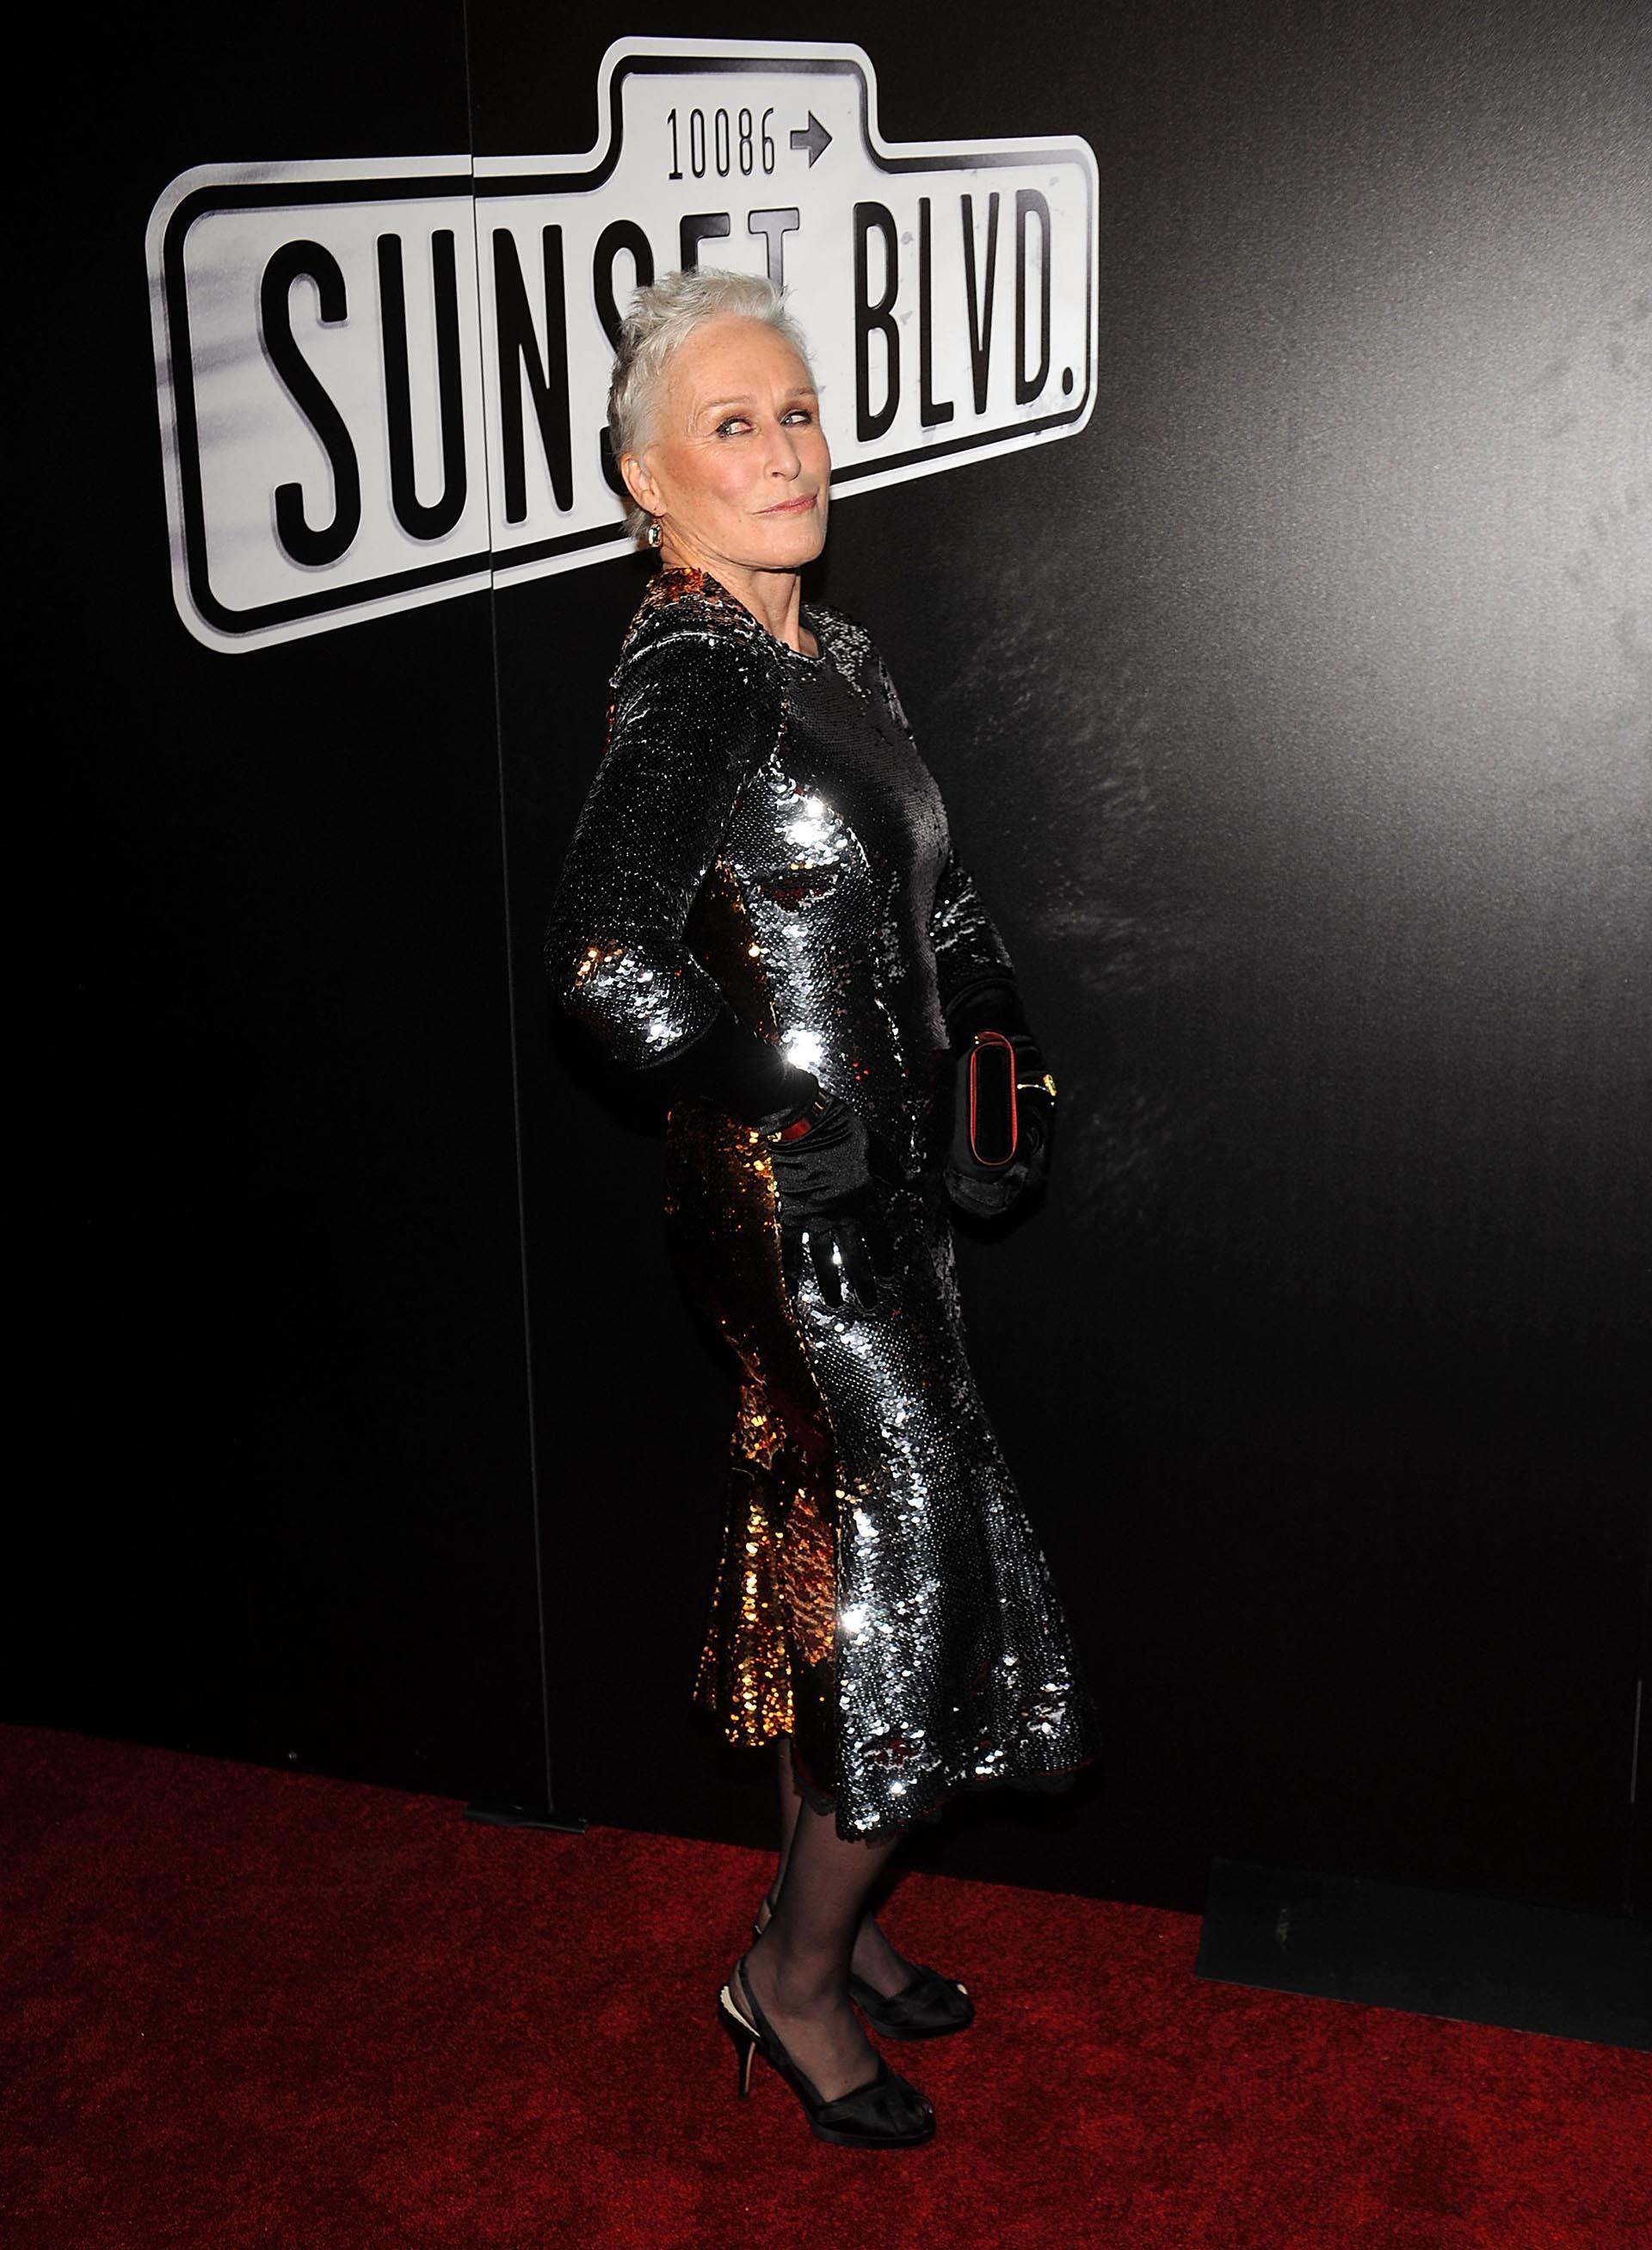 Con un vestido ajustado y de alto brillo, así llegó Glenn Close a la red carpet para el festejo del estreno de Sunset Boulevard, la obra de Andrew Lloyd Webber donde se pone en la piel de Norma Desmond